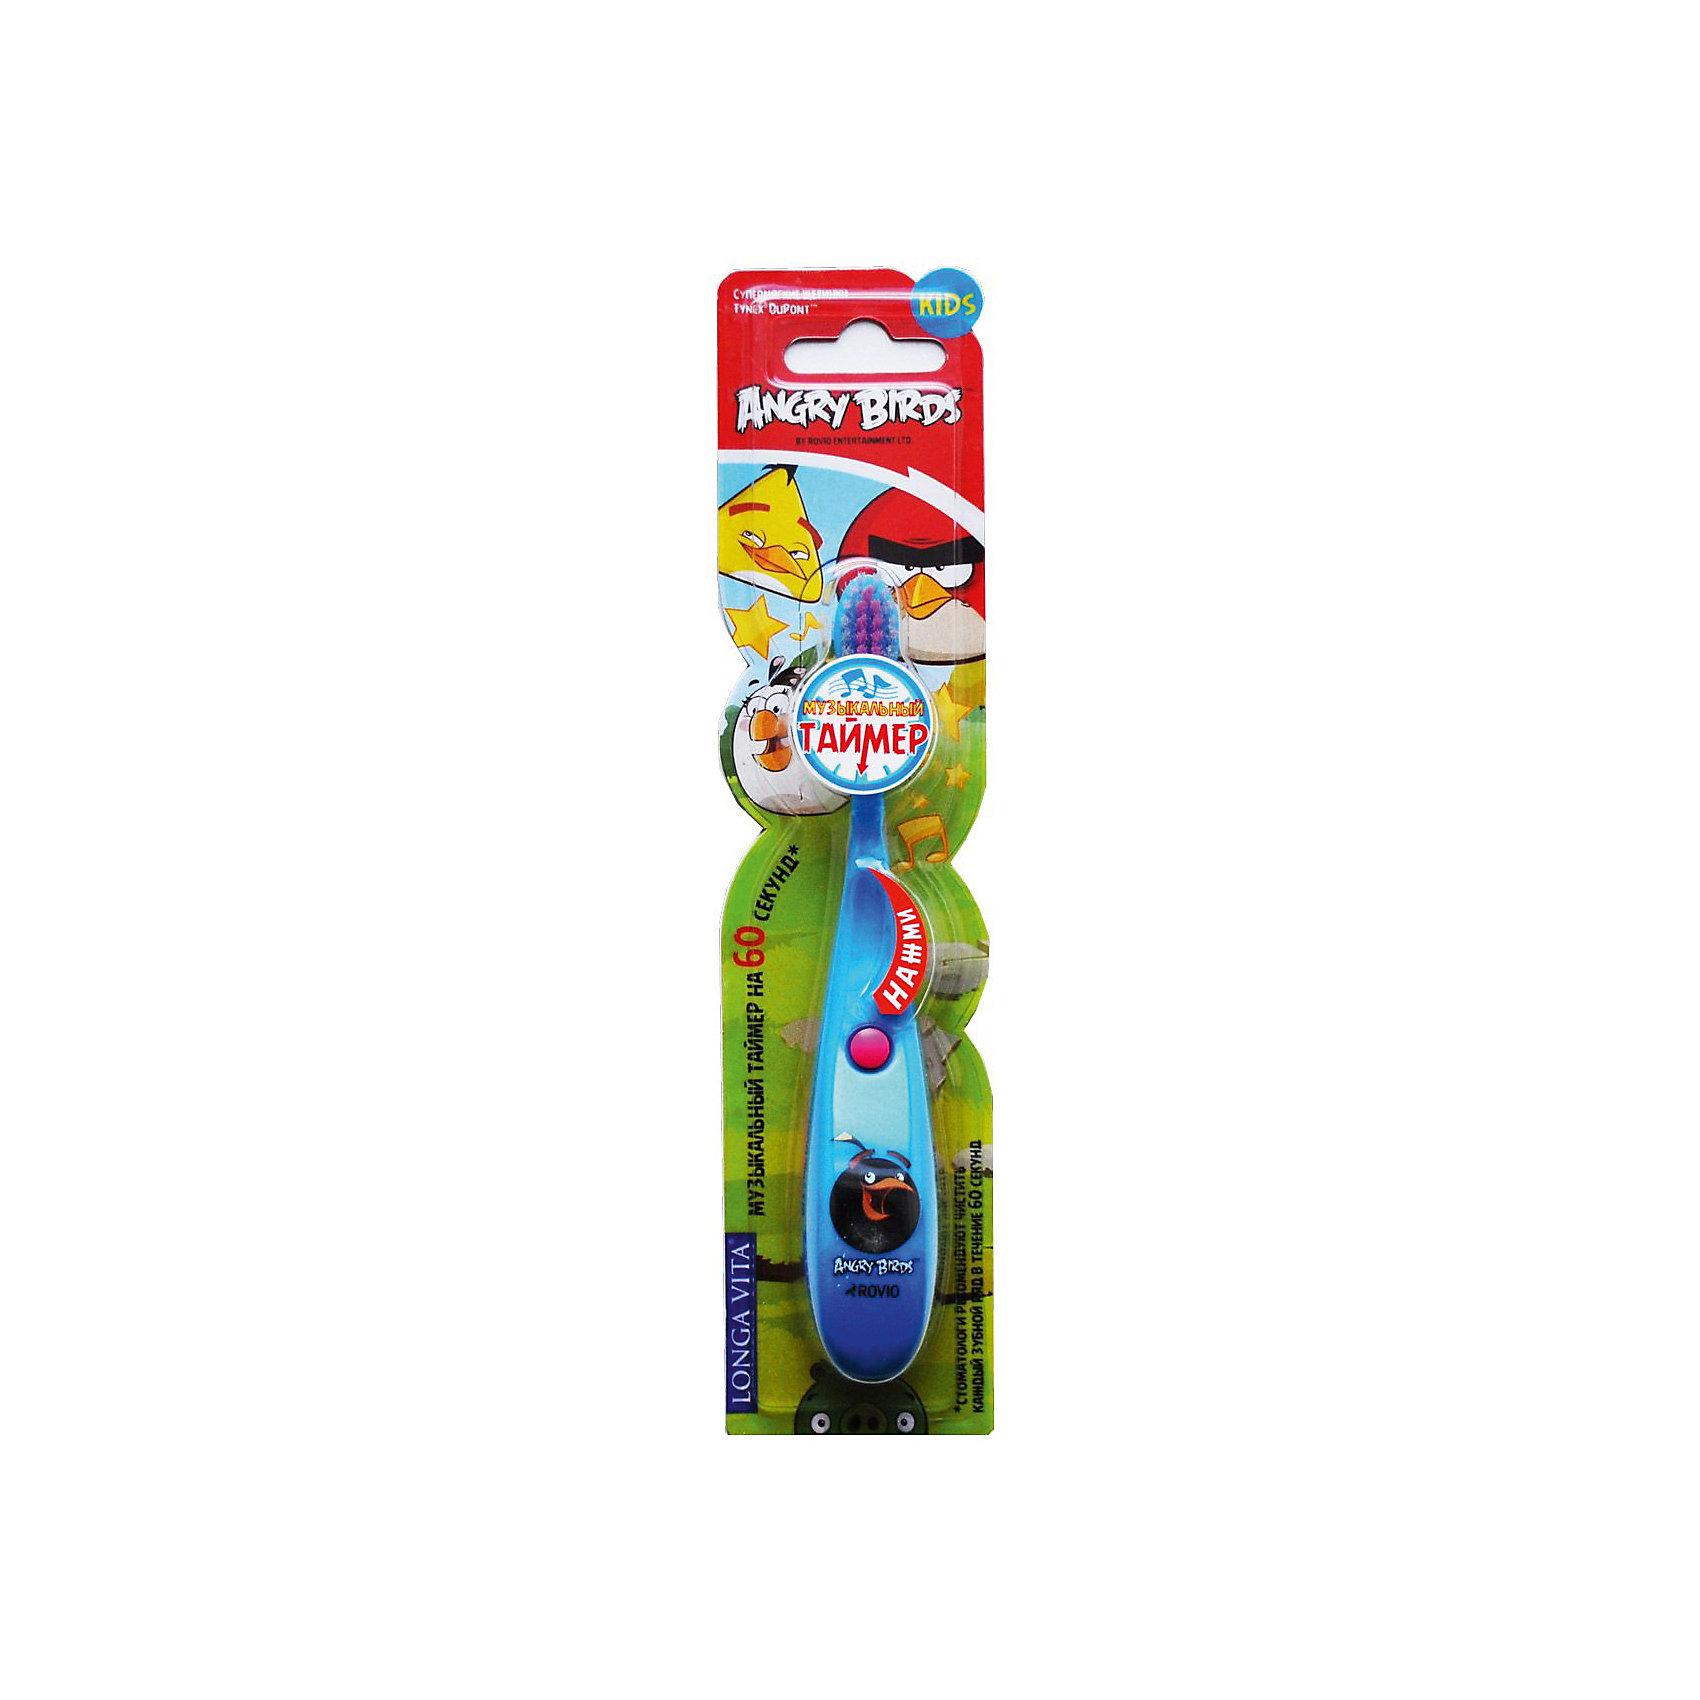 Детская зубная щётка музыкальная, Angry Birds, LONGA VITA, синийДетская музыкальная зубная щётка, Angry Birds, LONGA VITA (Лонга Вита), синяя.    <br><br>Характеристика:<br><br>• Материал: пластик, нейлон.<br>• Размер упаковки: 23х6х2 см. <br>• Жесткость: мягкая щетина Tynex DuPont. <br>• Удобная подставка-присоска.<br>• Эргономичная ручка с выступом для большого пальца. <br>• Музыкальный таймер на 60 секунд (минимальное время чистки зубов, рекомендованное стоматологами). <br>• Яркий привлекательный дизайн. <br>• Батарейки в комплекте. <br><br>Яркая зубная щетка с веселыми Angry Birds (Энгри Бердс) приведет в восторг любого ребенка! Нажимай на кнопку, слушай веселые мелодии и ухаживай за зубами! Щетка прекрасно удаляет зубной налет, очень маневренная, оснащена удобной подставкой-присоской. Благодаря мягкой щетине, не травмирует нежные детские десны. Удобная эргономичная ручка препятствует выскальзыванию. Привлекательный дизайн, изображения любимых героев и веселые звуки сделают процесс чистки зубов увлекательным и веселым! <br><br>Детскую музыкальную зубную щётку, Angry Birds, LONGA VITA (Лонга Вита), синюю, можно купить в нашем магазине.<br><br>Ширина мм: 300<br>Глубина мм: 100<br>Высота мм: 50<br>Вес г: 100<br>Возраст от месяцев: -2147483648<br>Возраст до месяцев: 2147483647<br>Пол: Унисекс<br>Возраст: Детский<br>SKU: 5008316